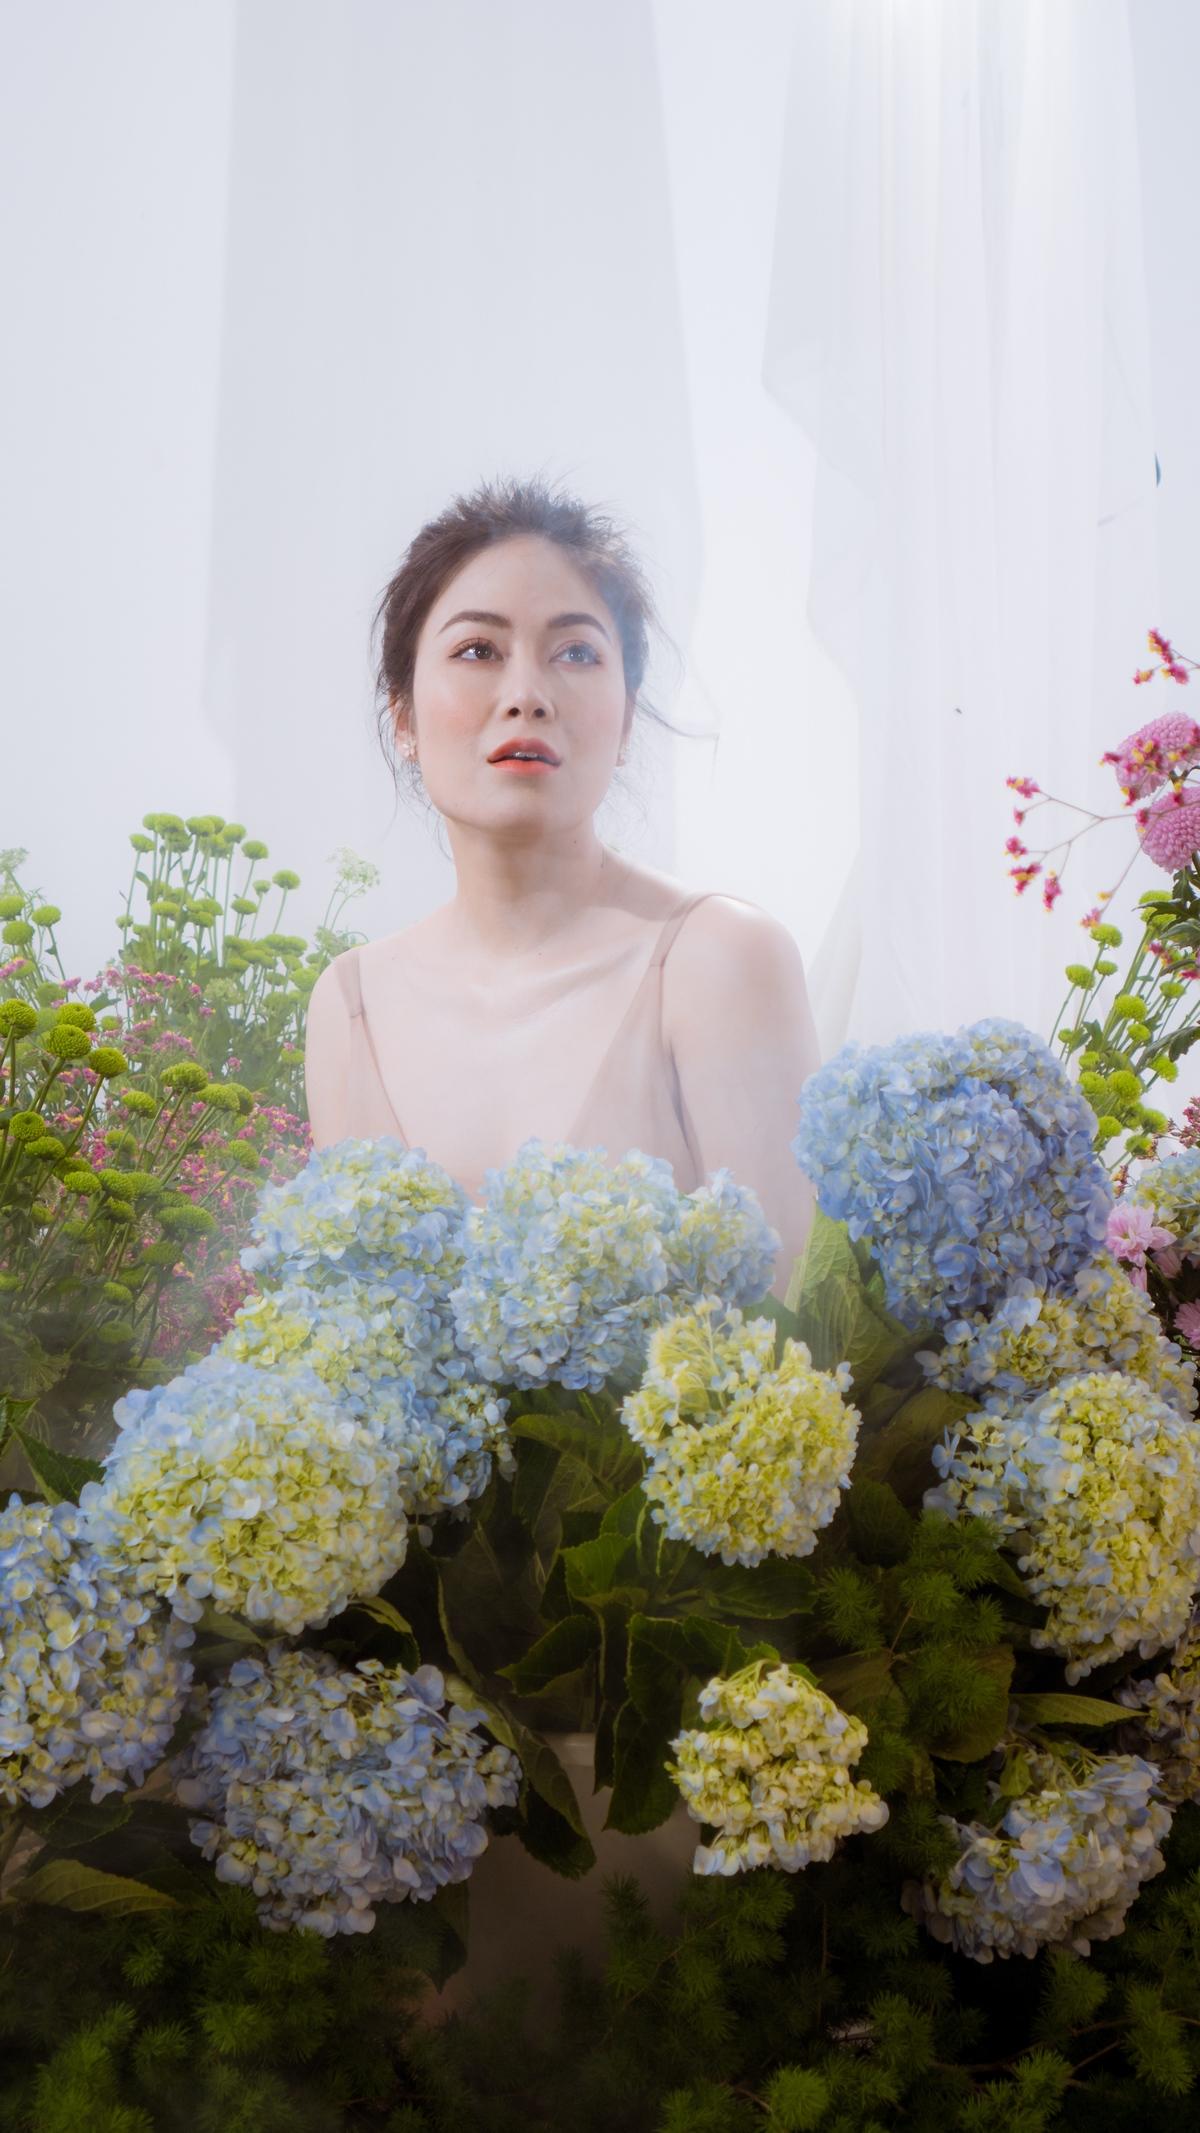 Sao Mai Phạm Tuyết Nga khoe vẻ đẹp vạn người mê trong MV mới 4